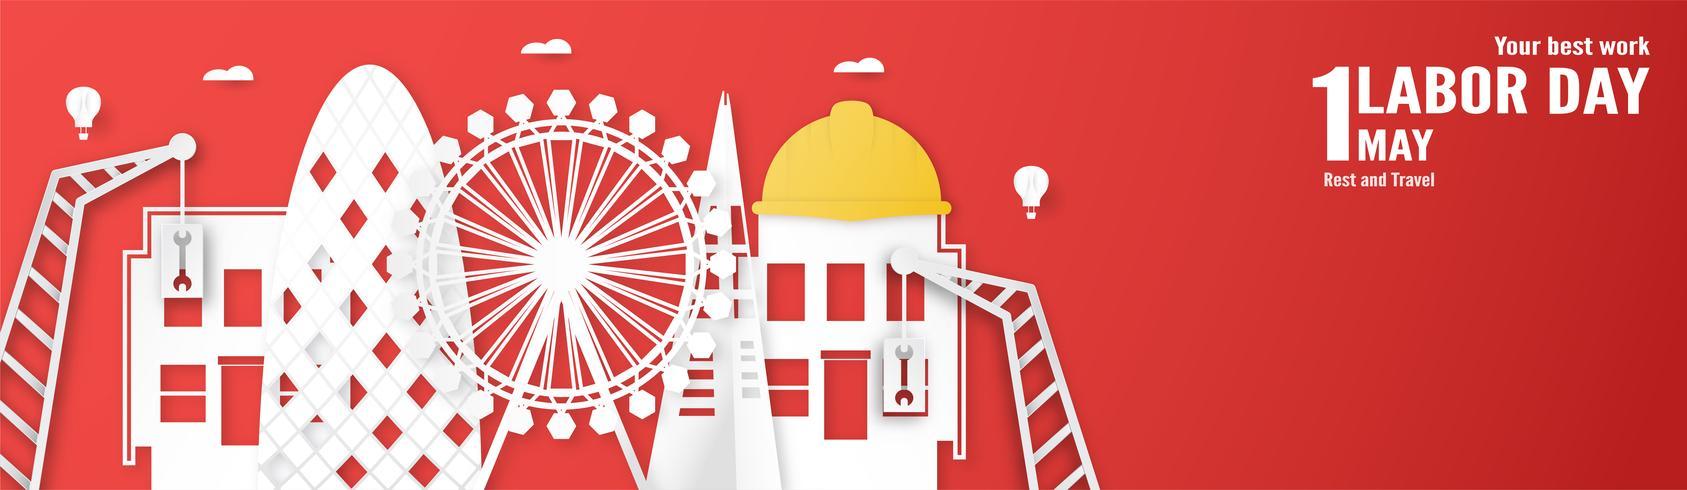 Buona festa del lavoro il 1 ° maggio di anni. Disegno del modello per banner, poster, copertina, pubblicità, sito Web. Vector l'illustrazione nello stile del taglio e del mestiere di carta su priorità bassa rossa.